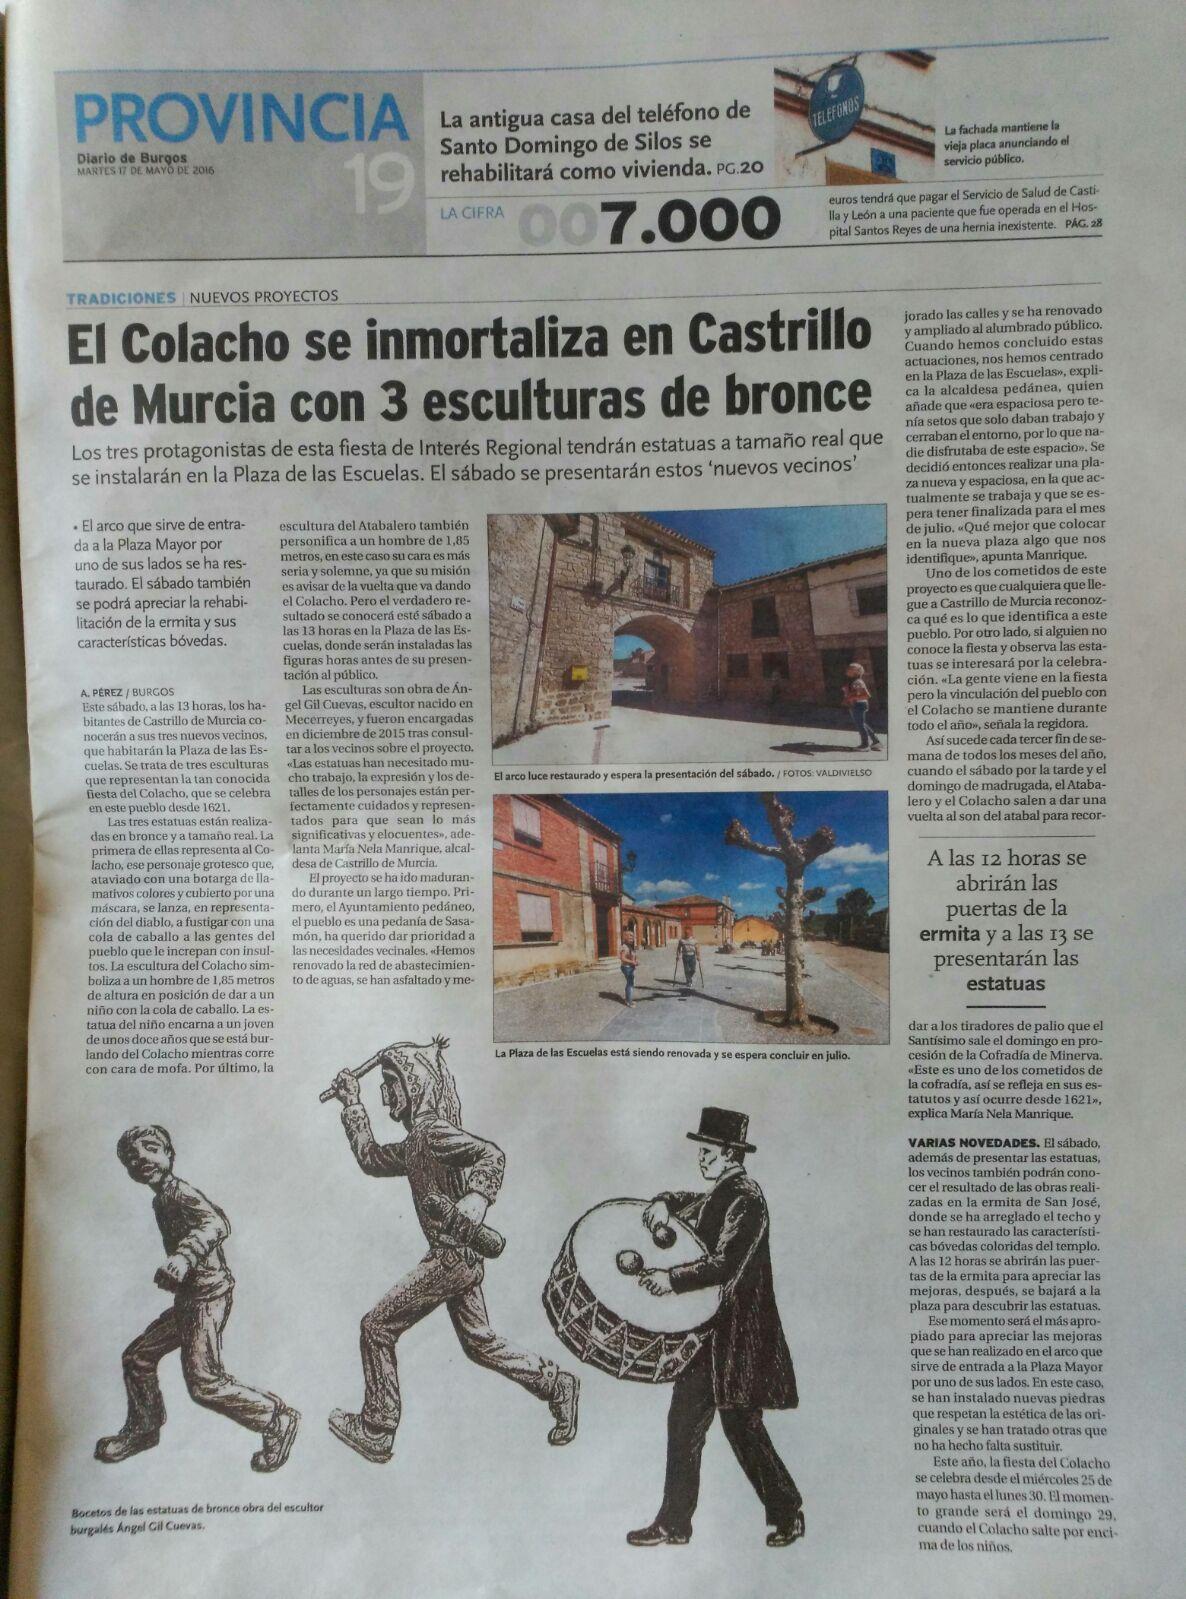 Diario de Burgos, 17-05-2016 - El Colacho - Escultor Ángel Gil, natural de Mecerreyes